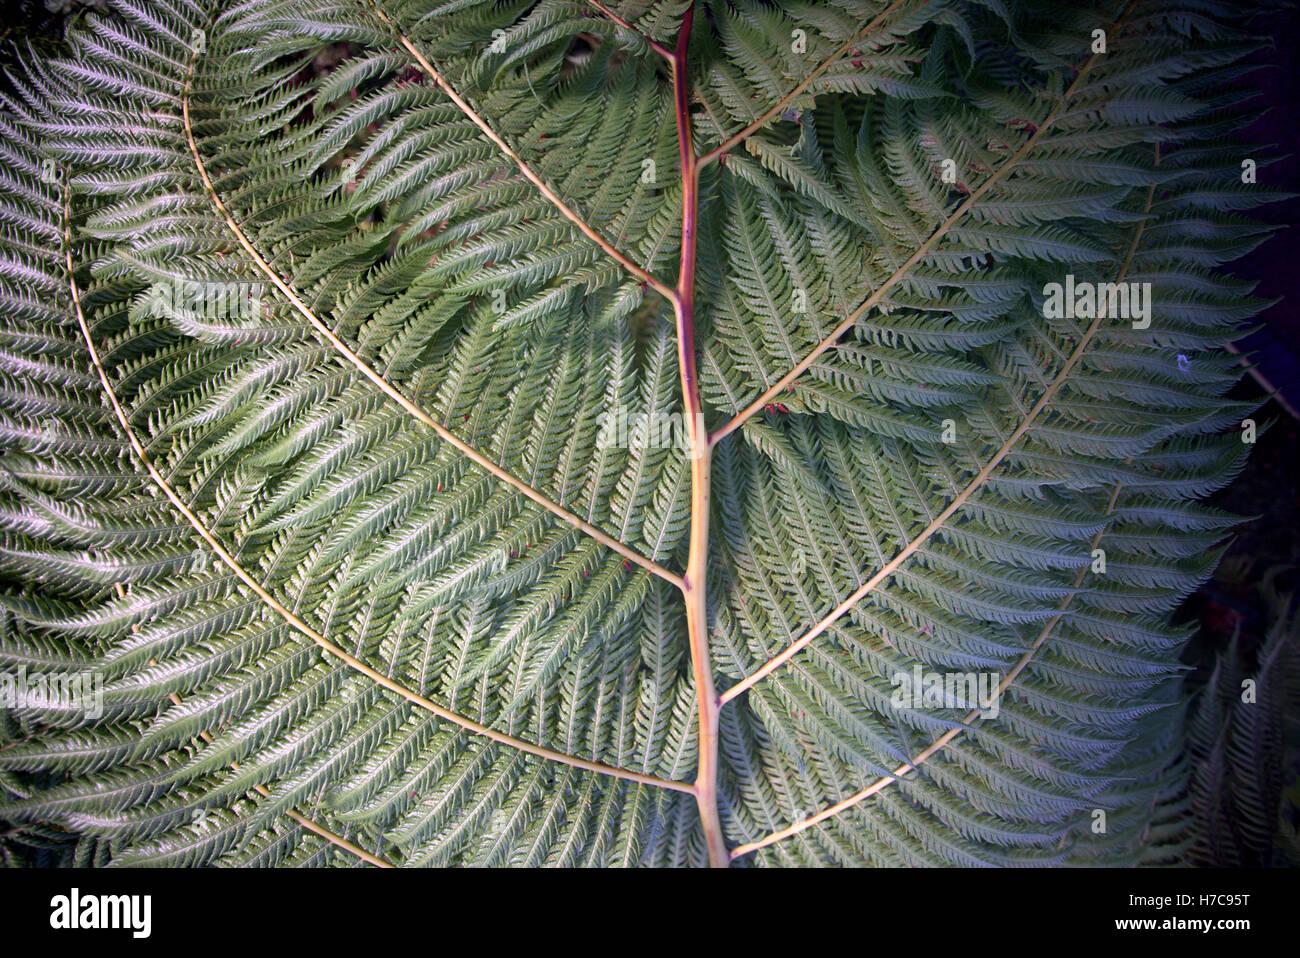 Resumen Antecedentes hojas de helechos tropicales de tallo verde Imagen De Stock